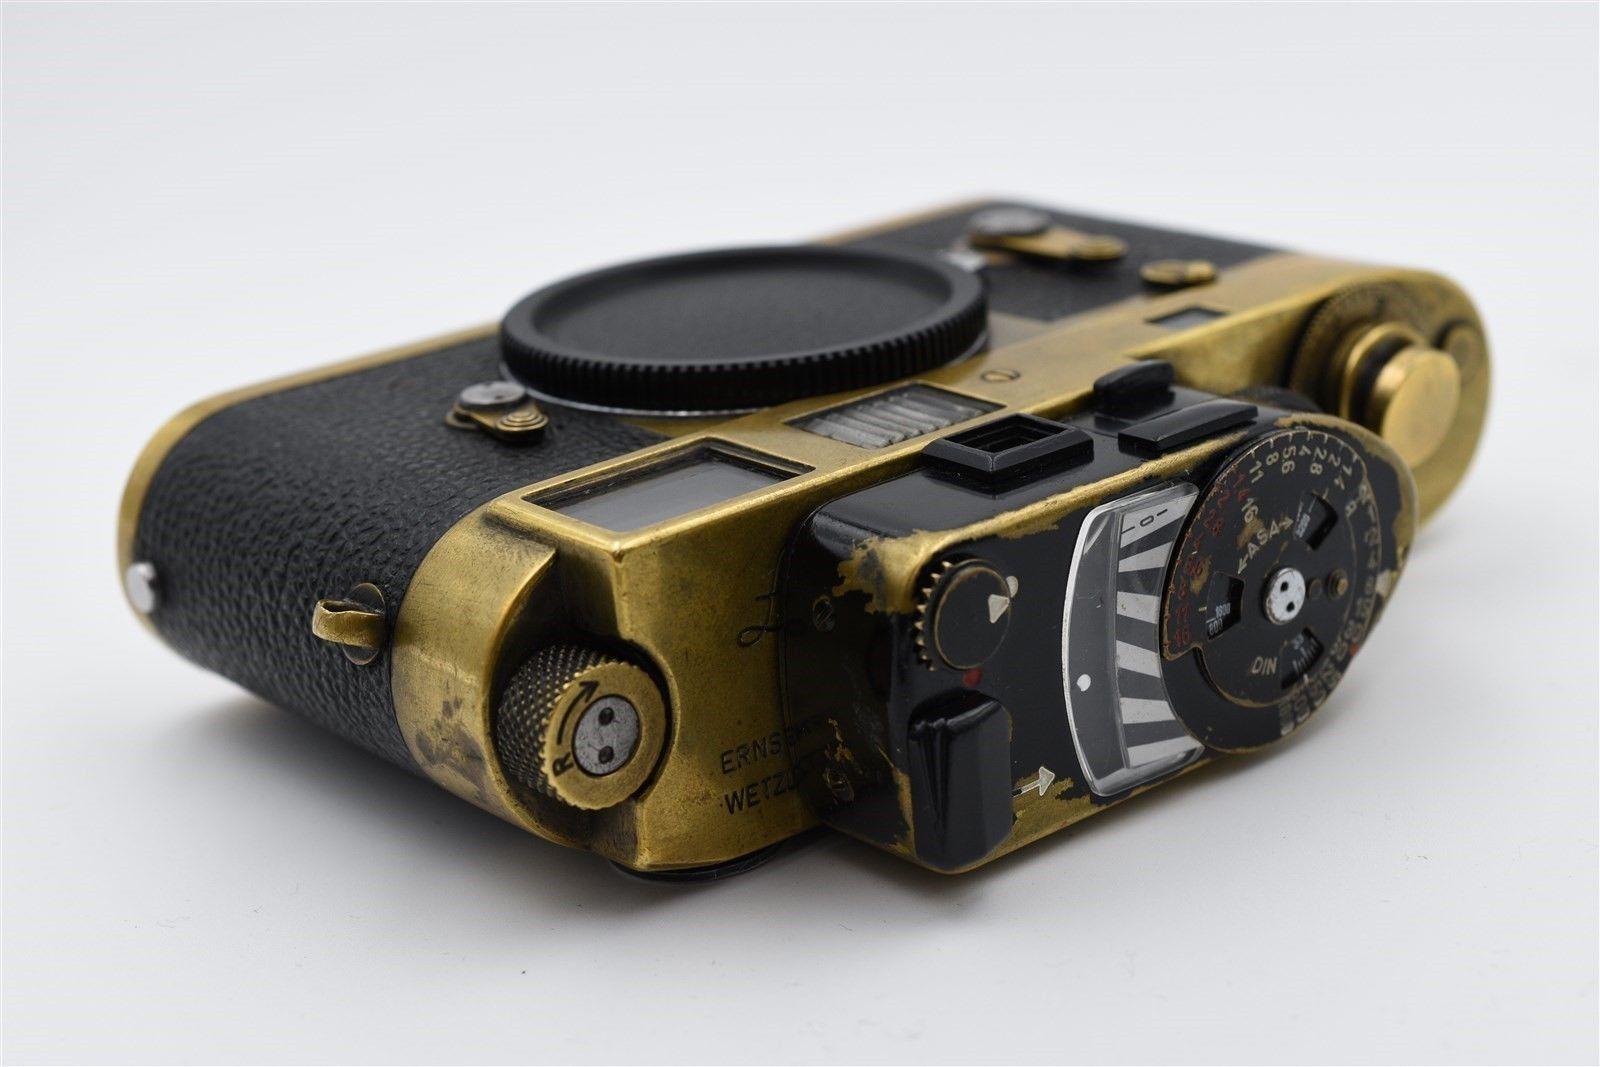 цифровой фотоаппарат из пленочного своими руками домашнее